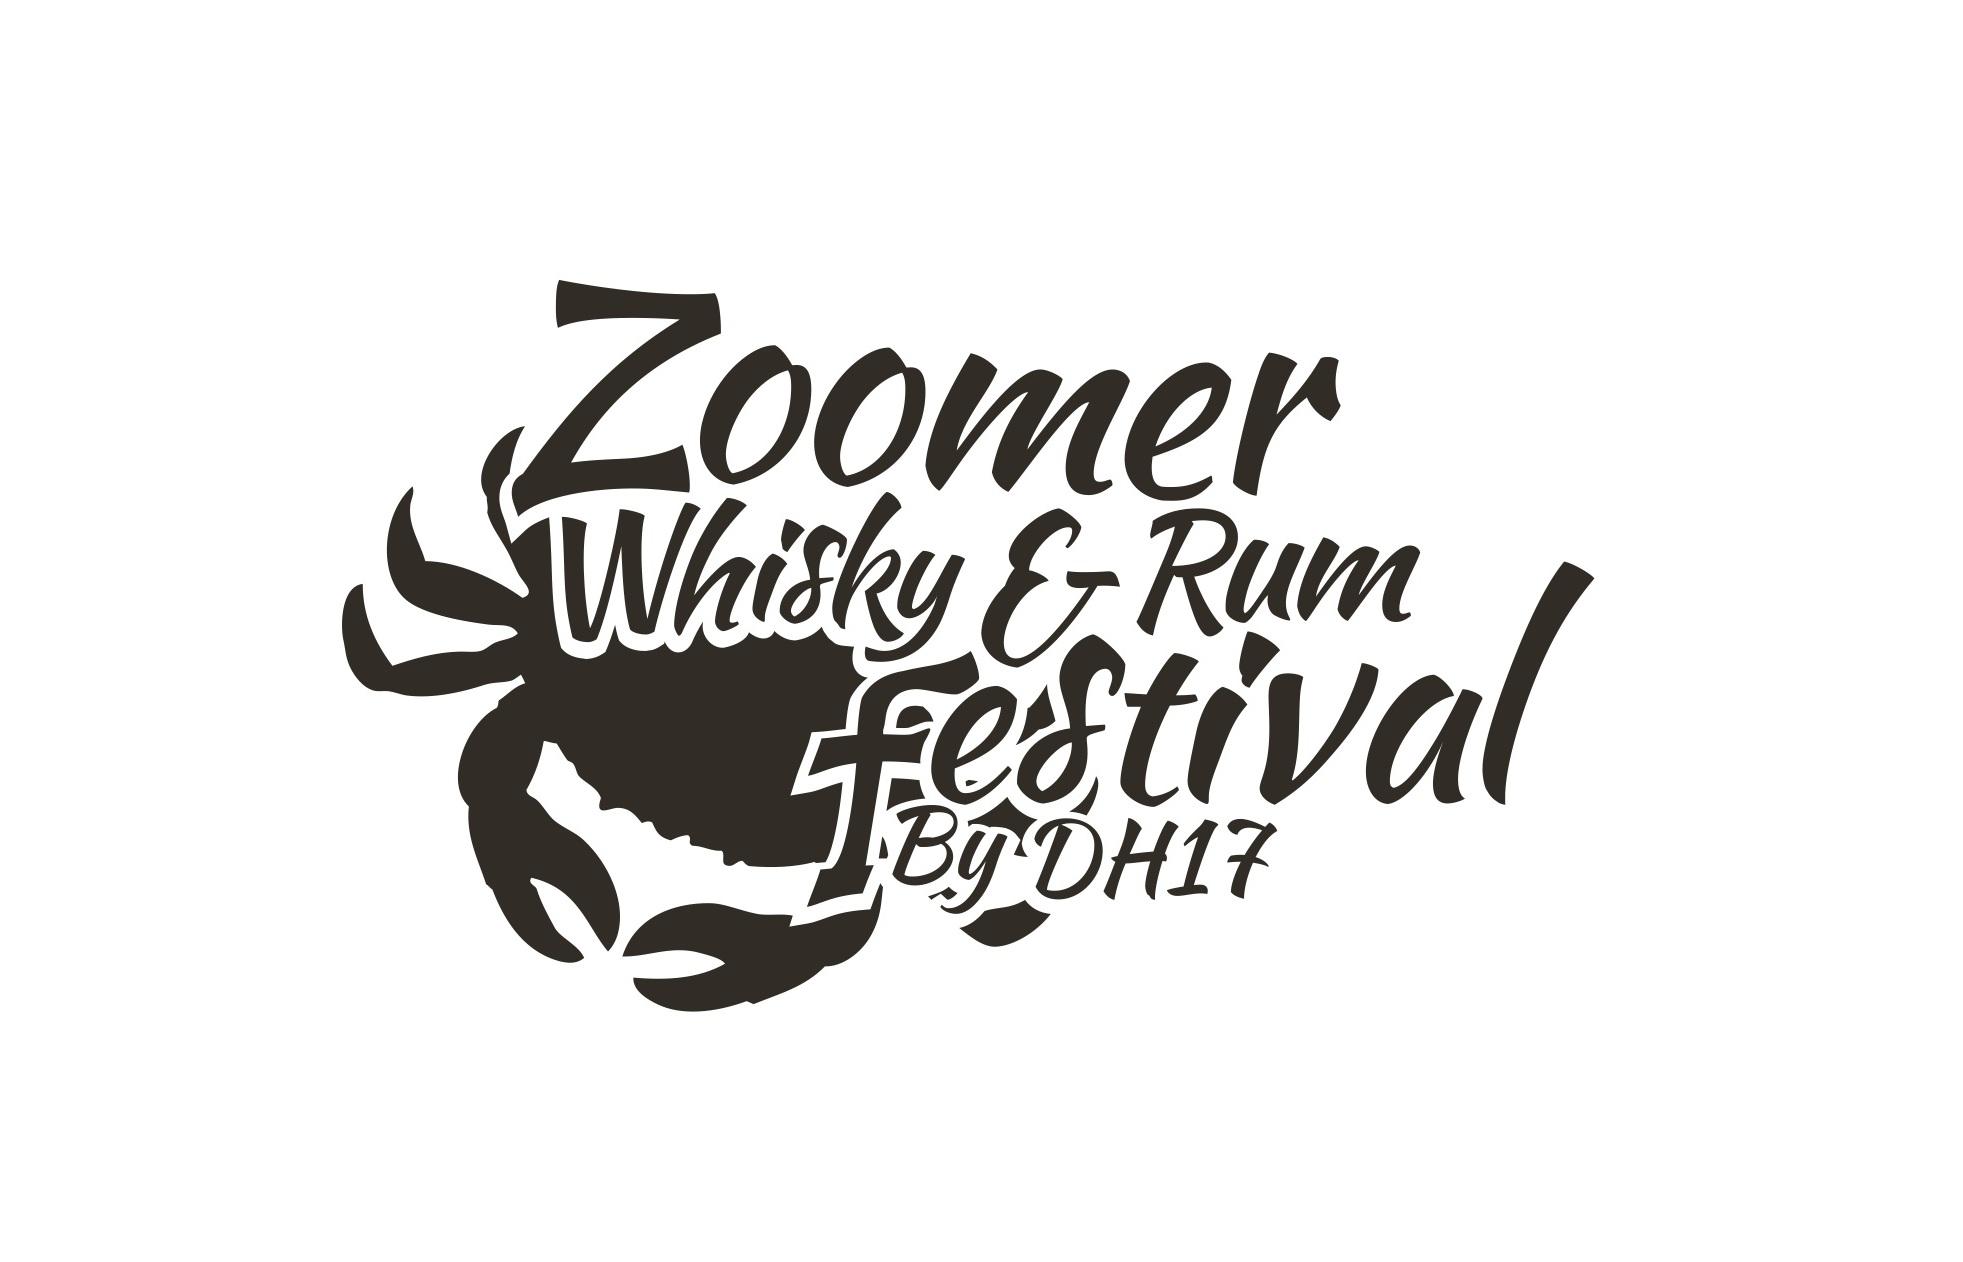 Zoomer Whisky & Rum Festival 2017!